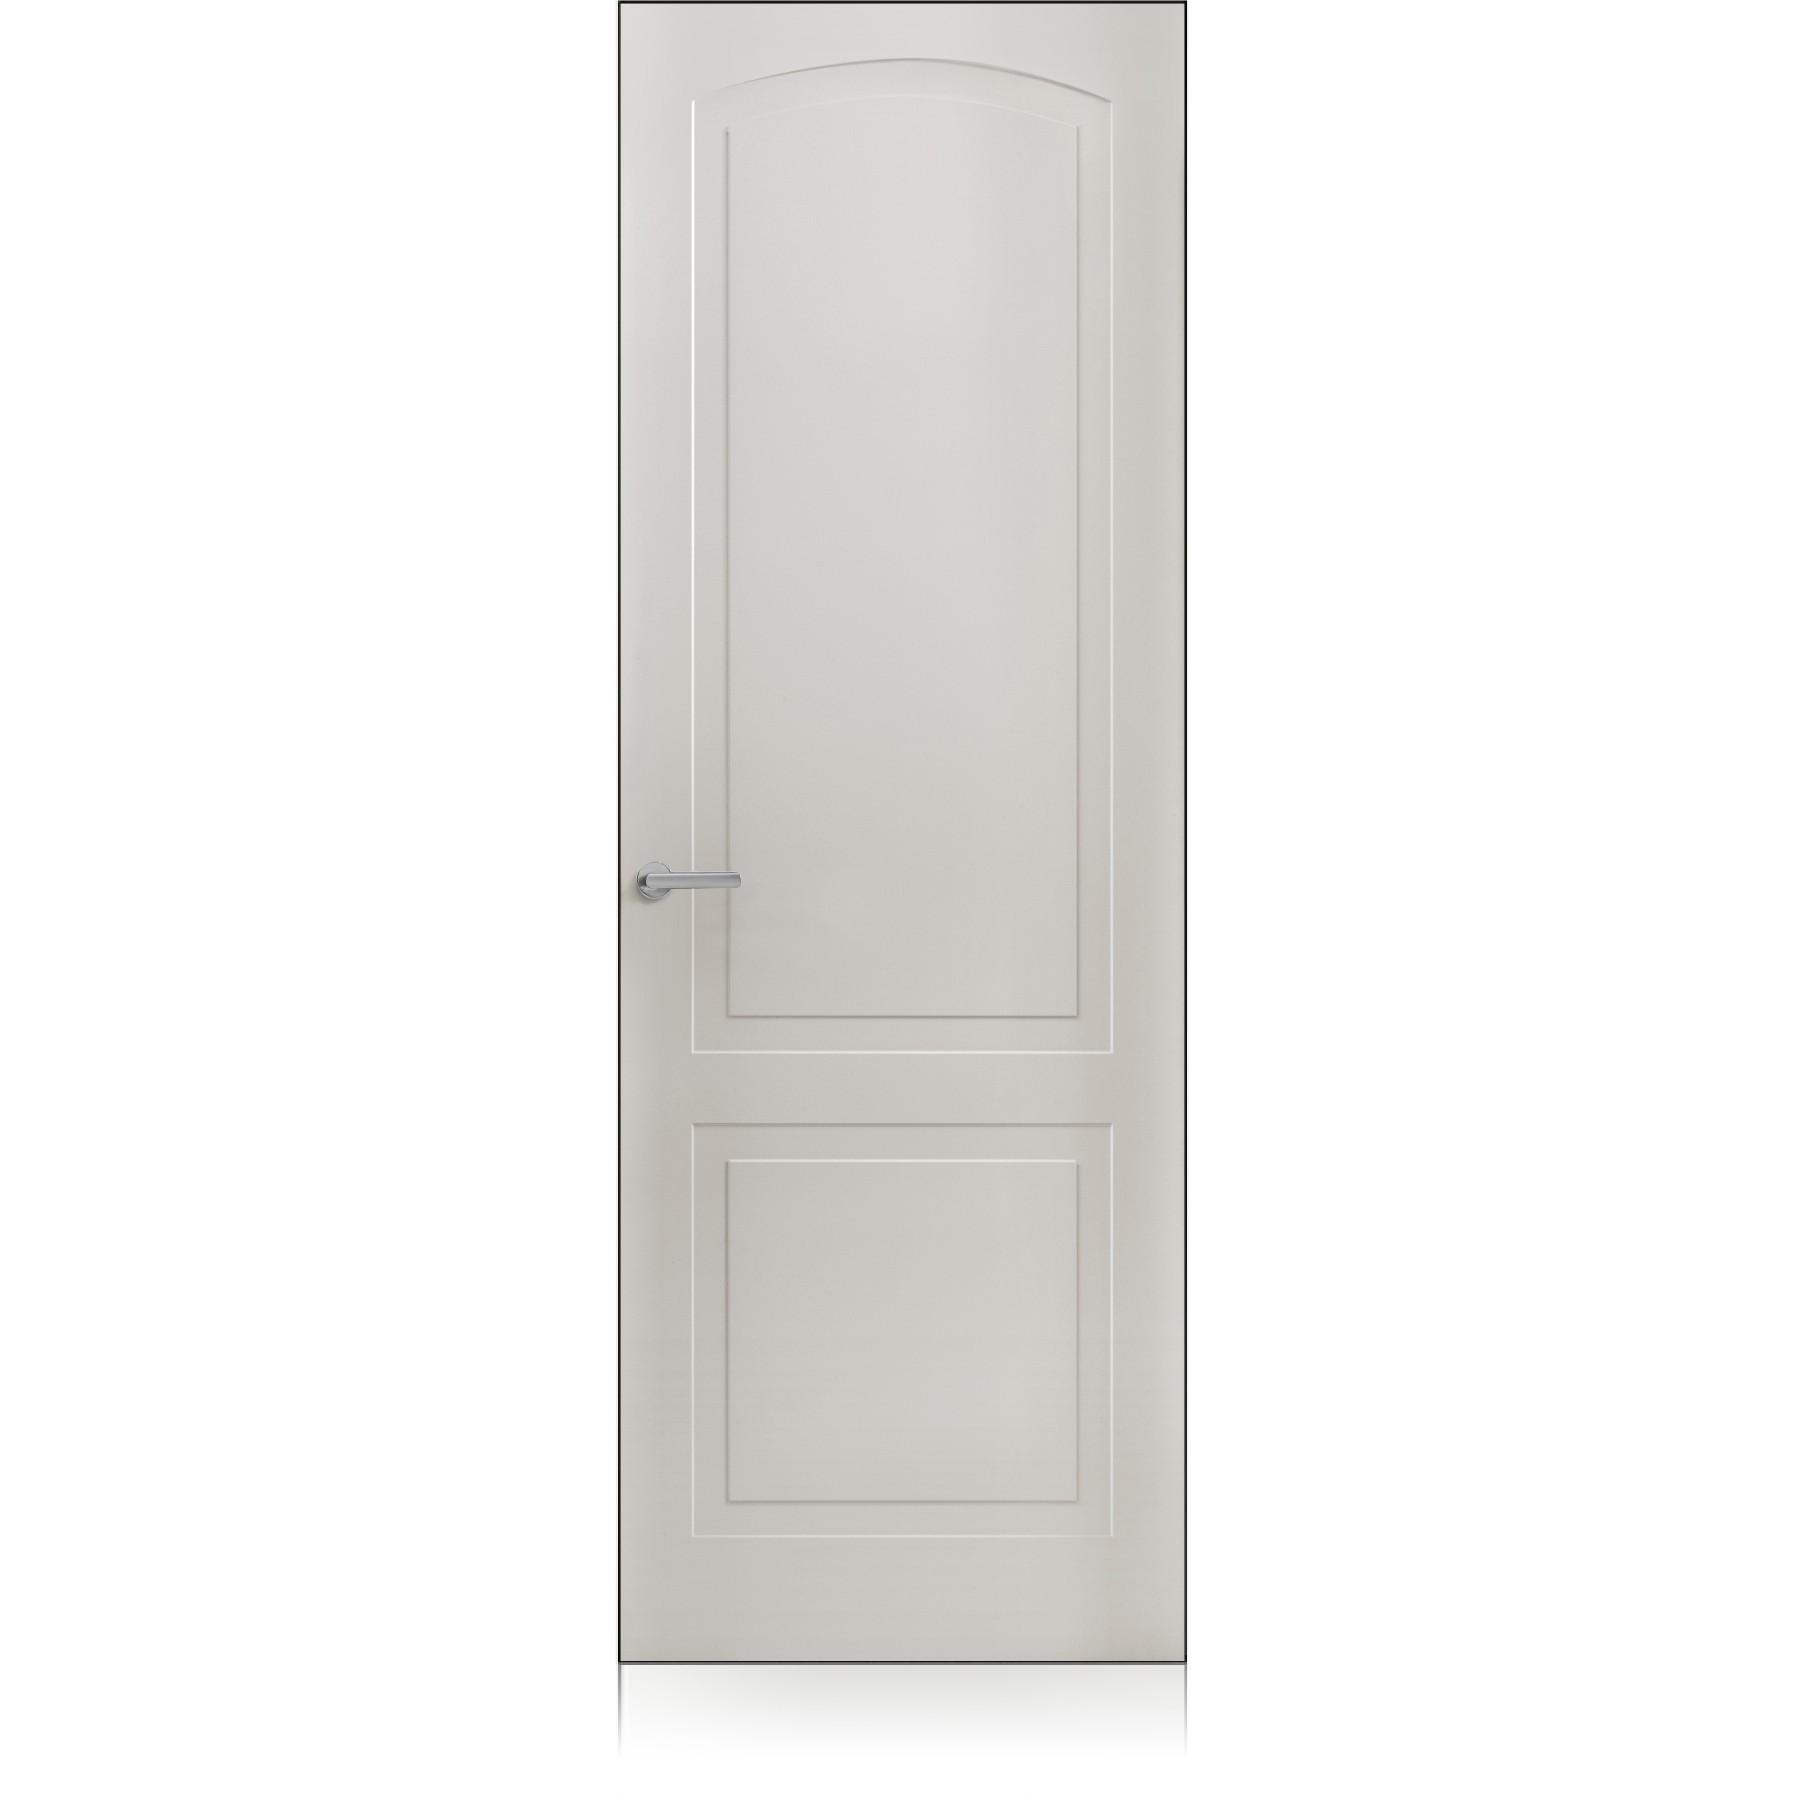 Mixy / 3 Zero grigio lux door